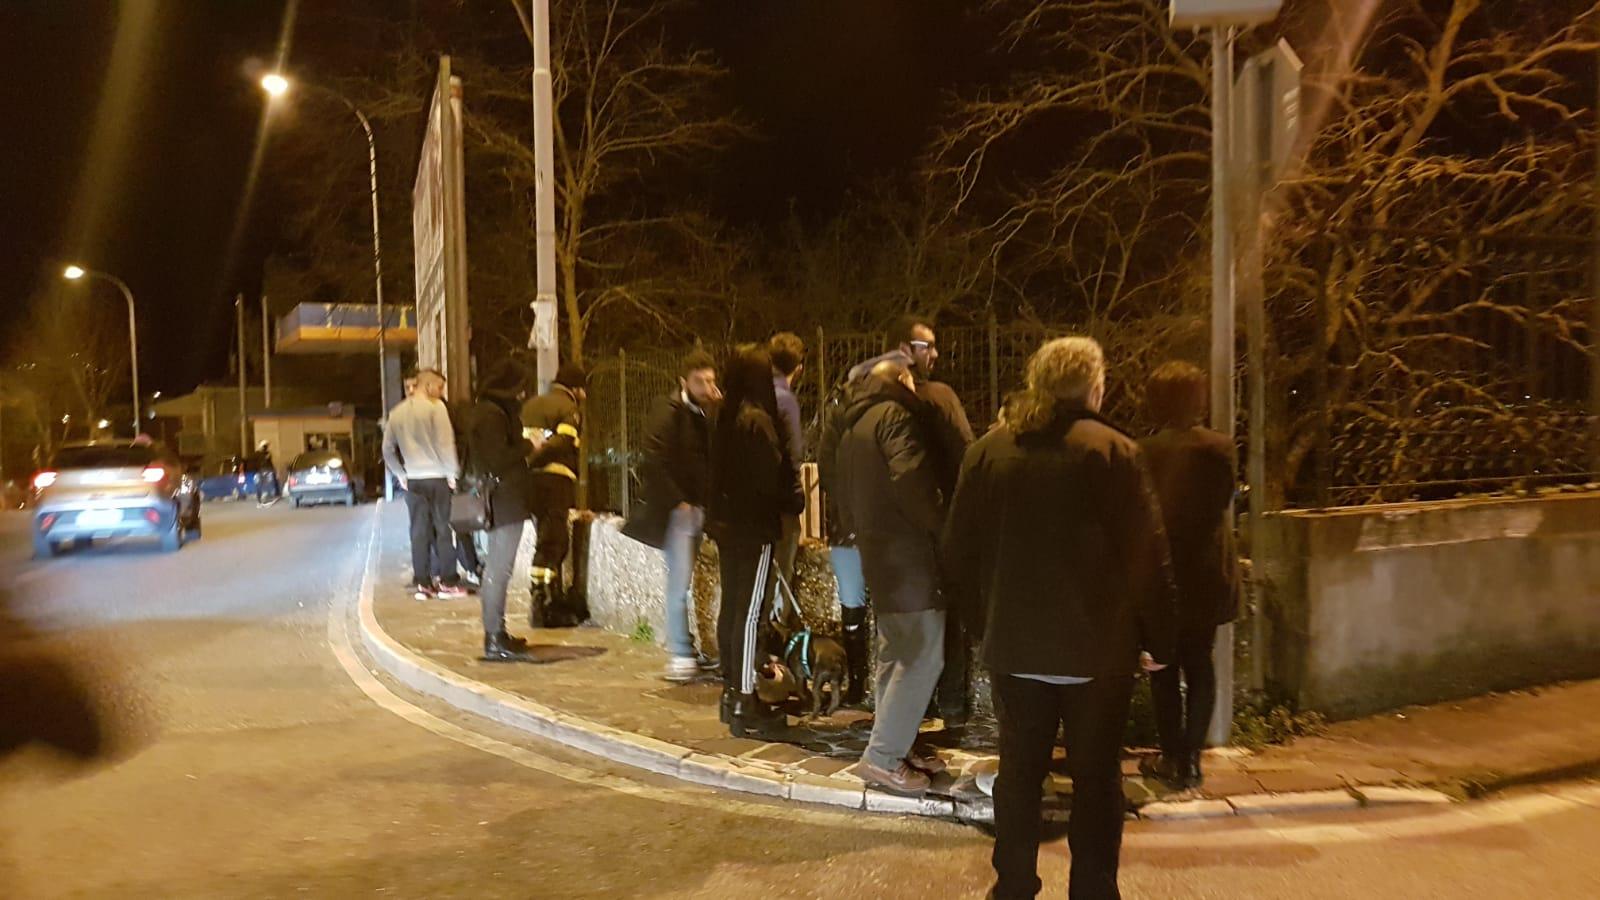 Isernia: caos nei pressi del Ponte Cardarelli. Probabile tentativo di suicidio in atto. Verifiche in corso